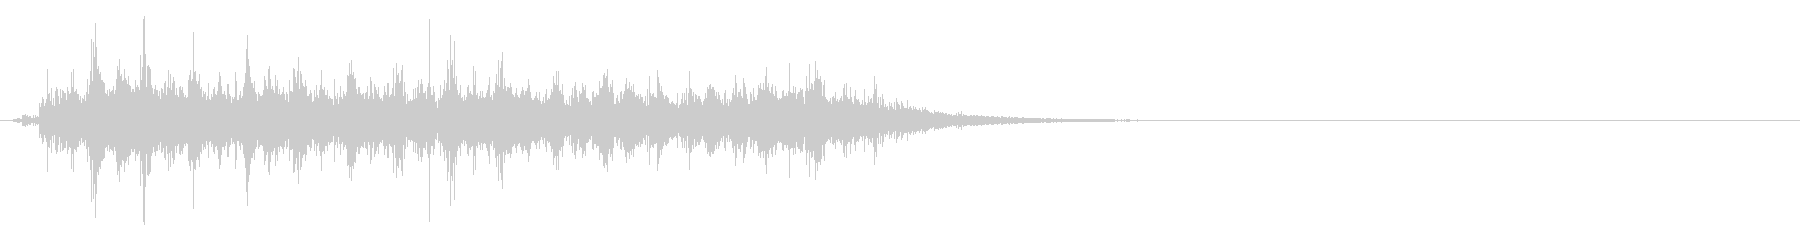 タブレッド菓子出す音・振る音14リバーブの未再生の波形